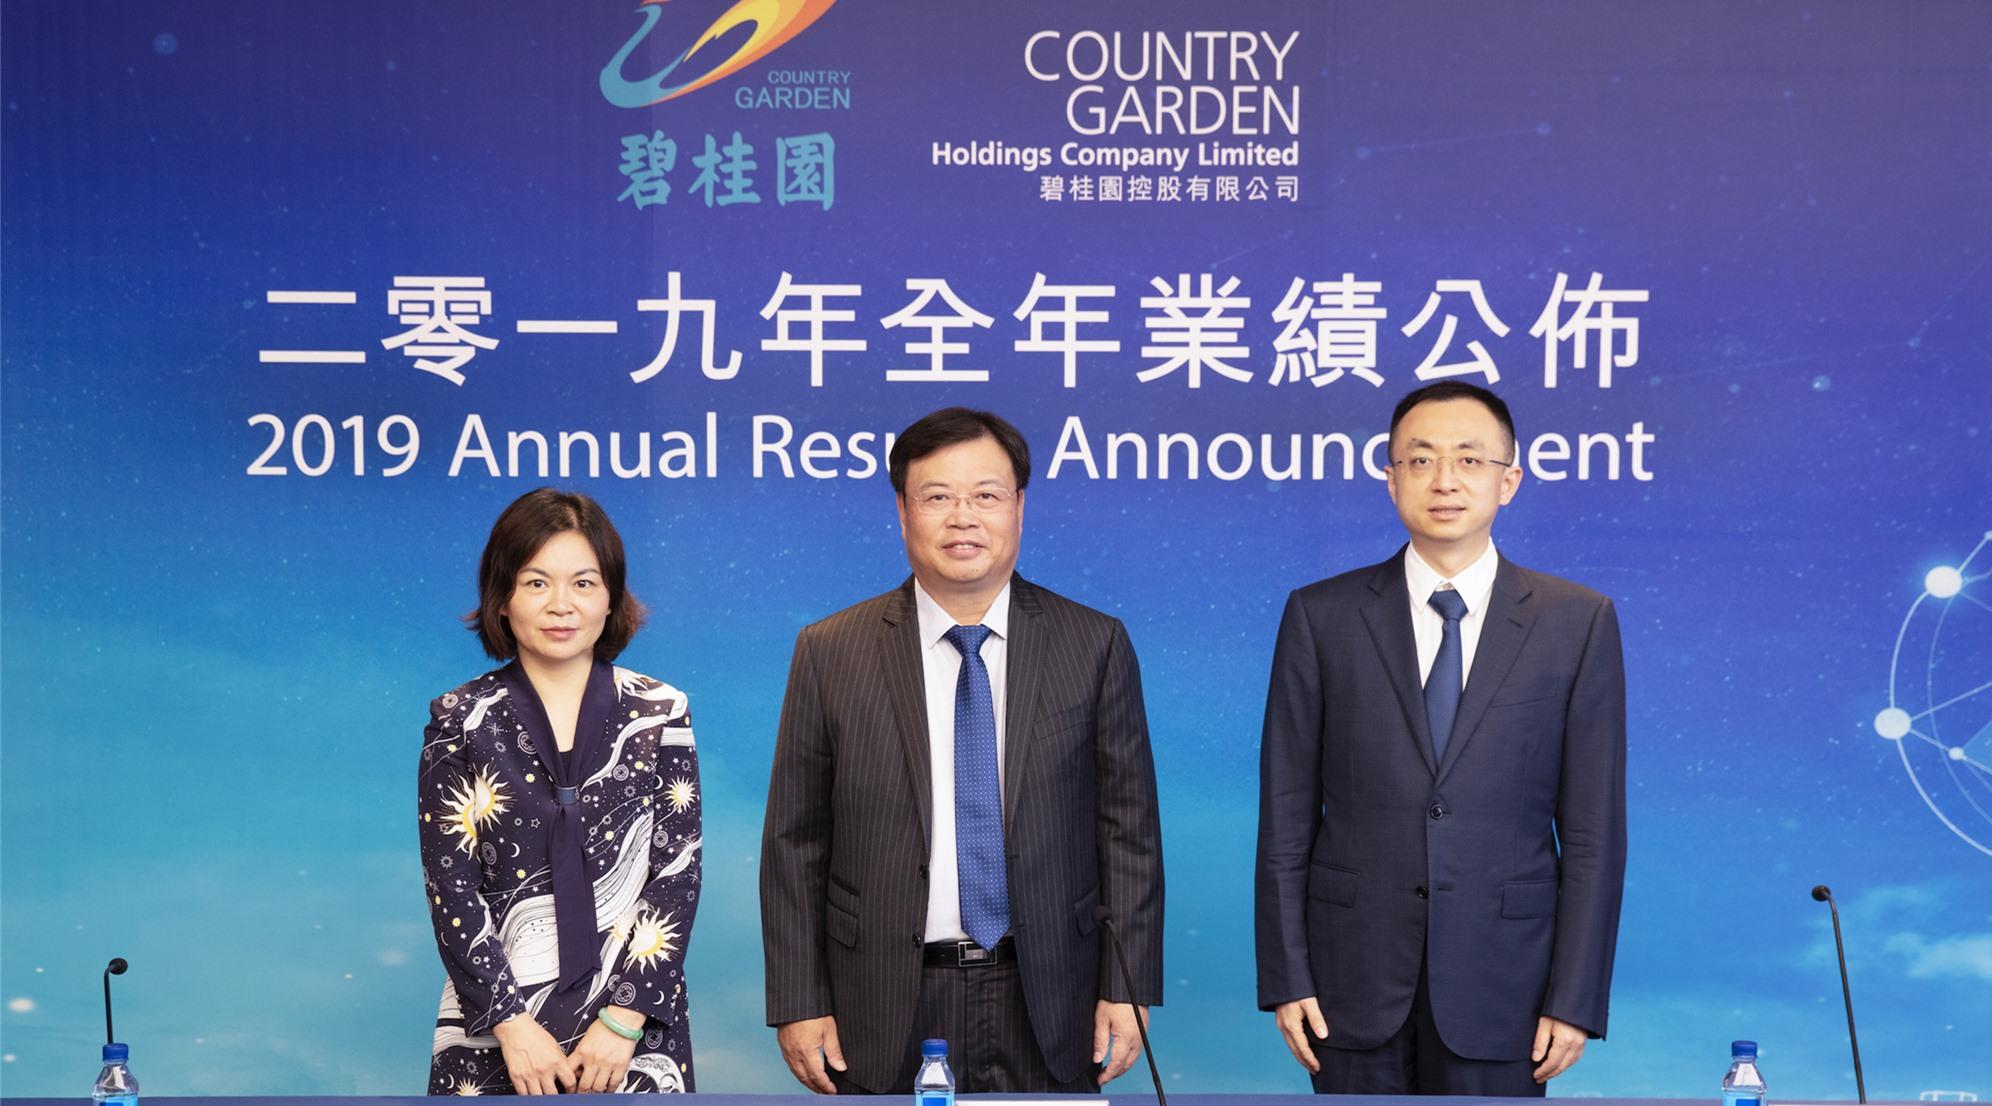 碧桂园2019年营收利润双增长  对2020房地产市场持谨慎乐观